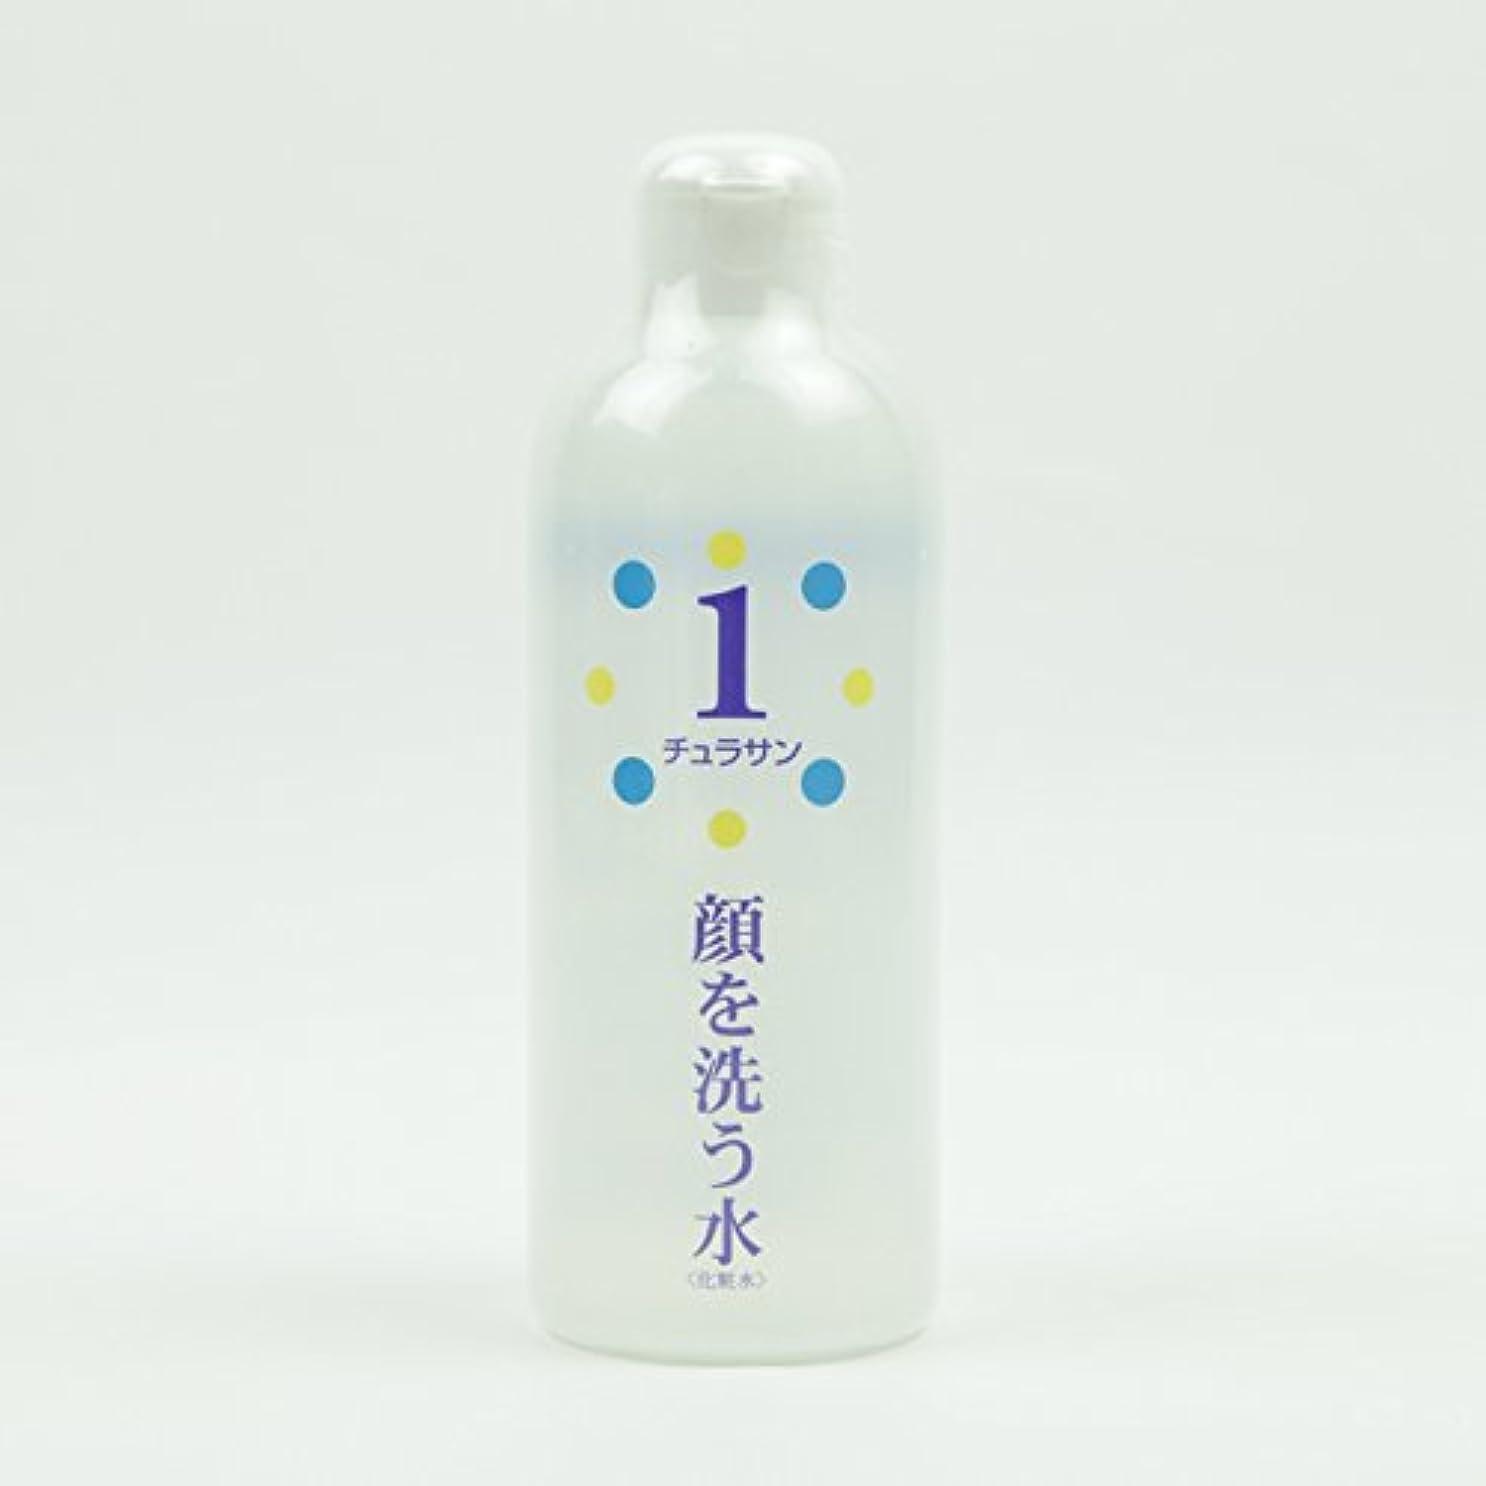 旅定数デクリメントチュラサン1 【顔を洗う水】 250ml